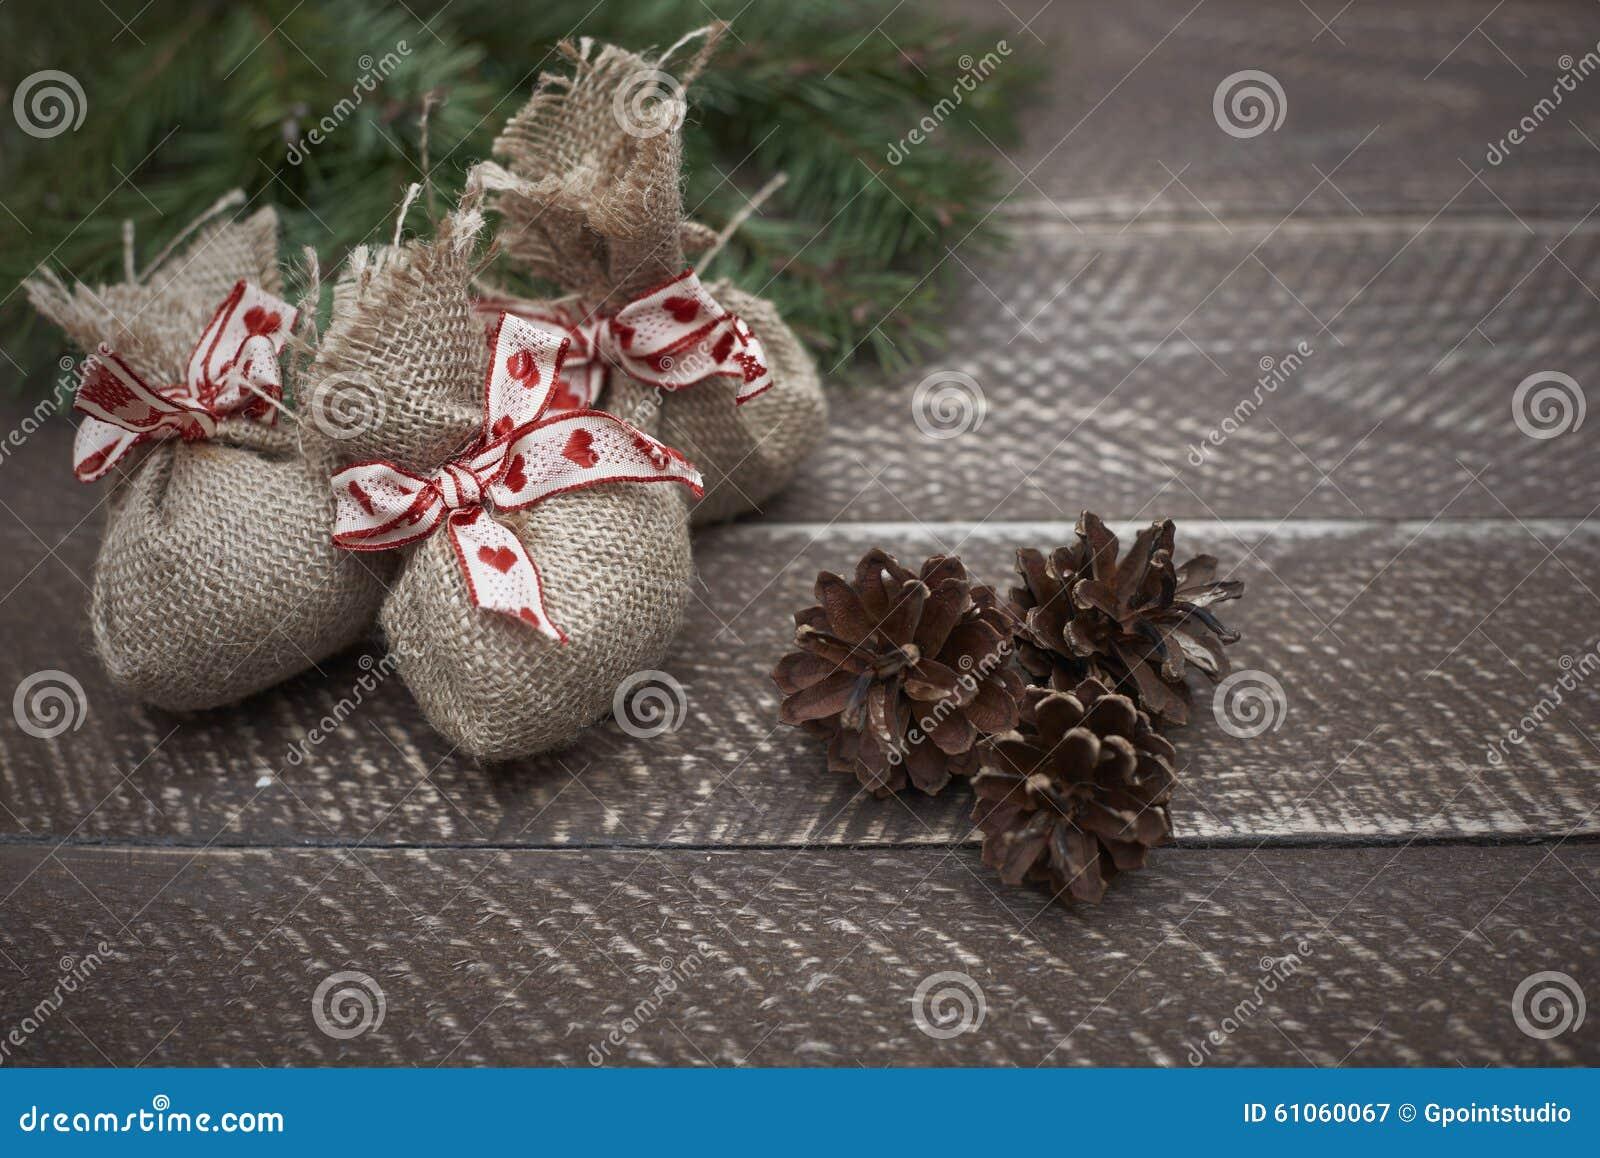 De decoratie van kerstmis stock afbeelding afbeelding bestaande uit hout 61060067 - Foto decoratie ...